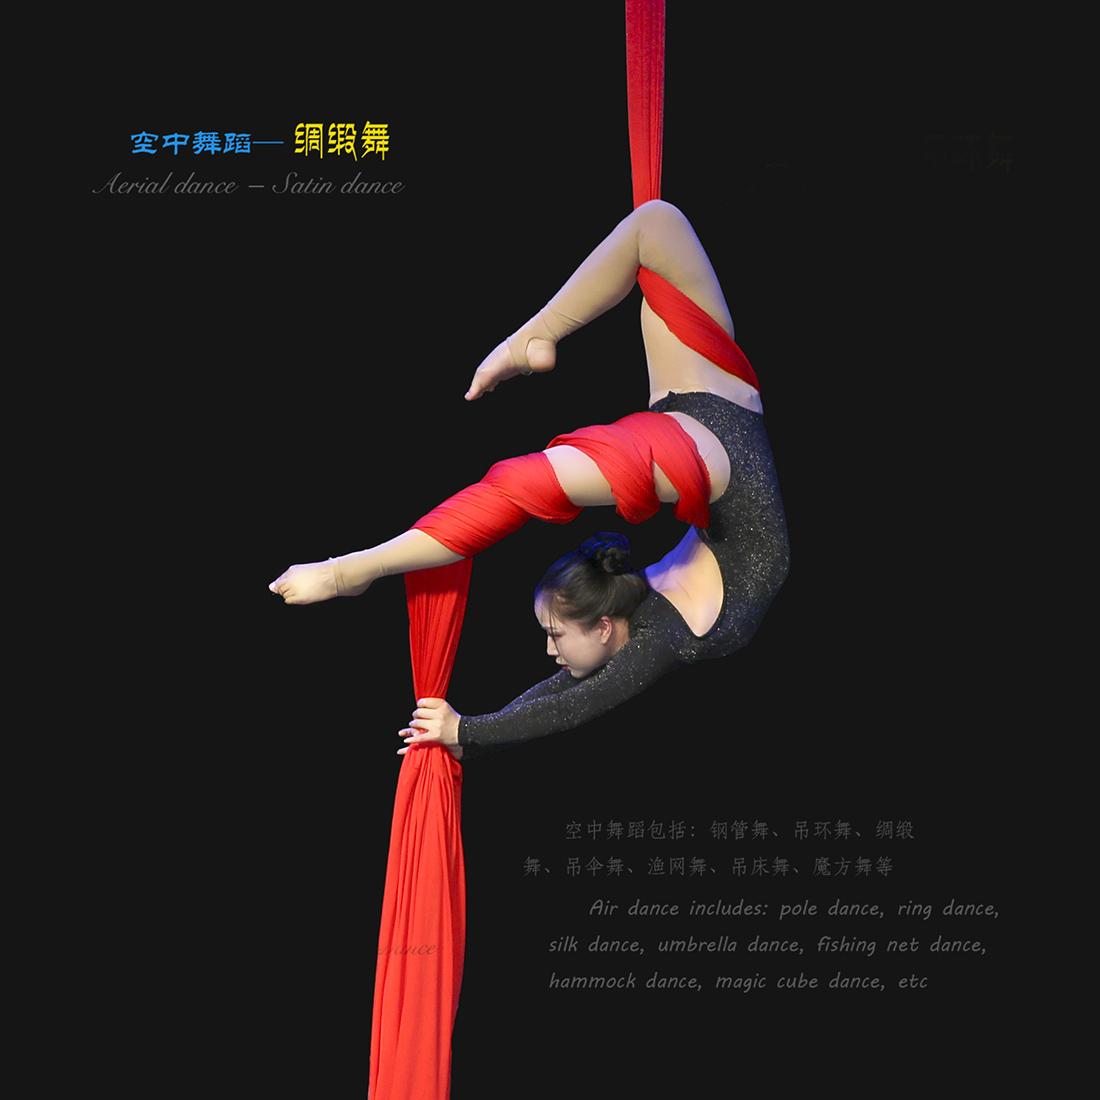 空中舞蹈之 吊环舞 绸缎舞 吊伞舞 魔方舞